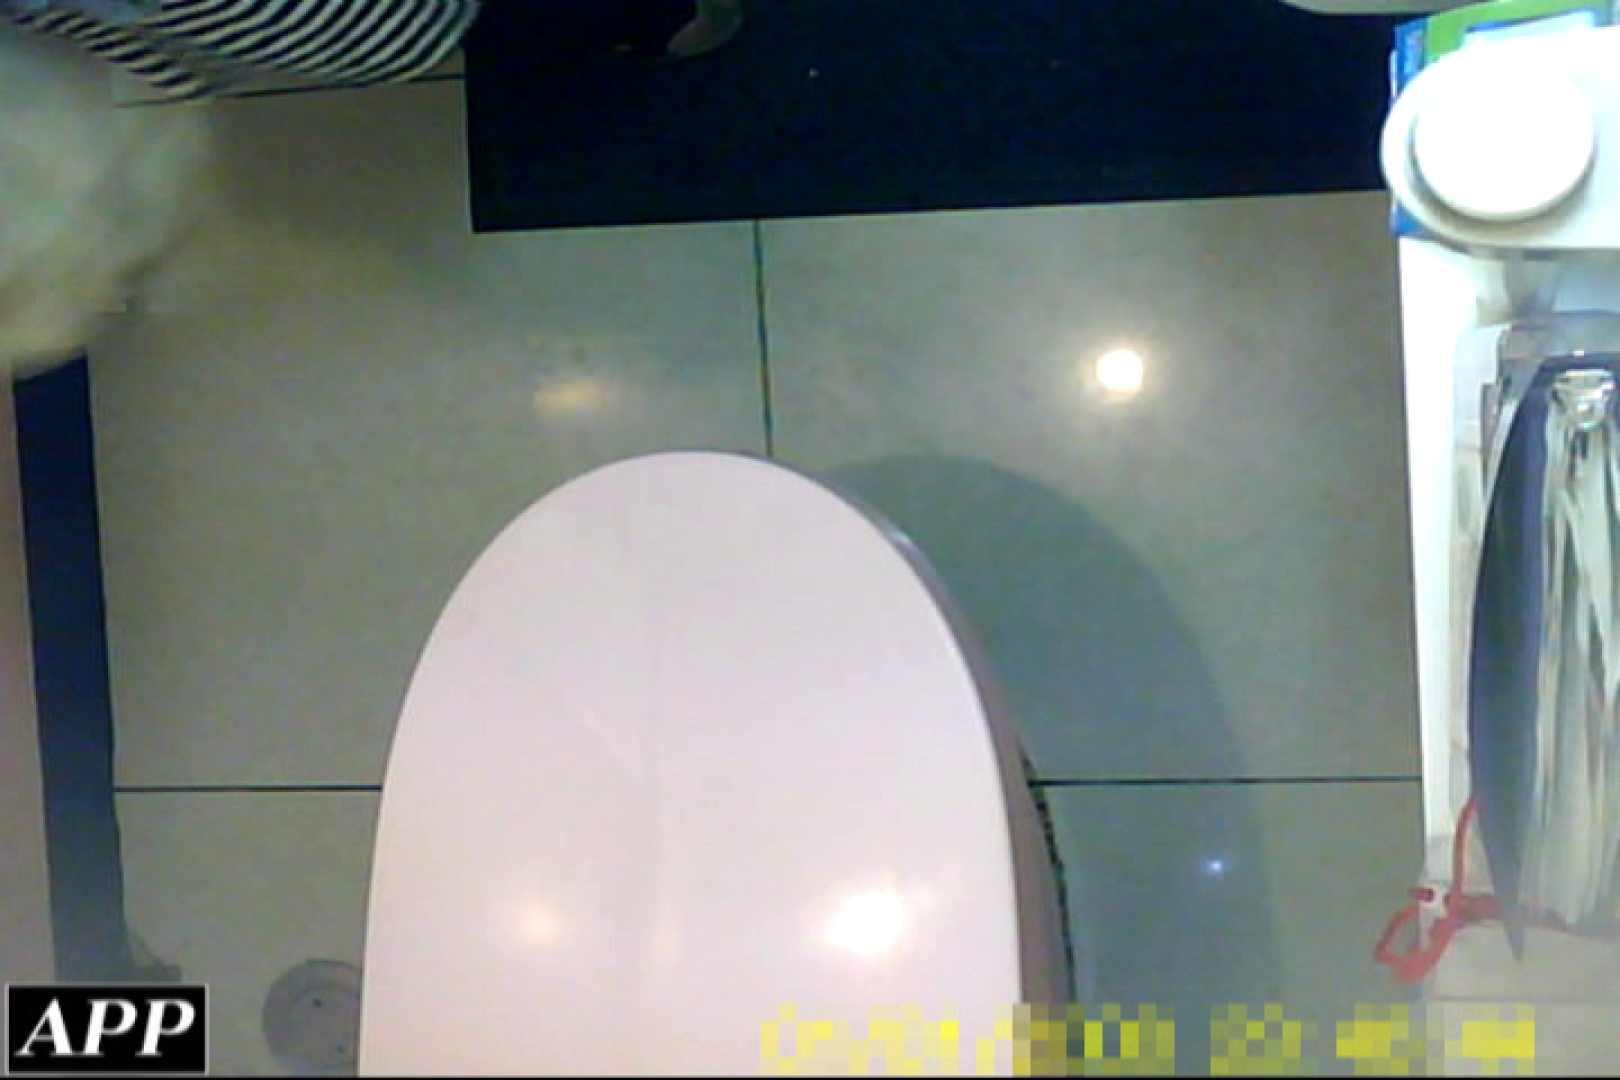 3視点洗面所 vol.142 洗面所 オマンコ動画キャプチャ 80画像 25